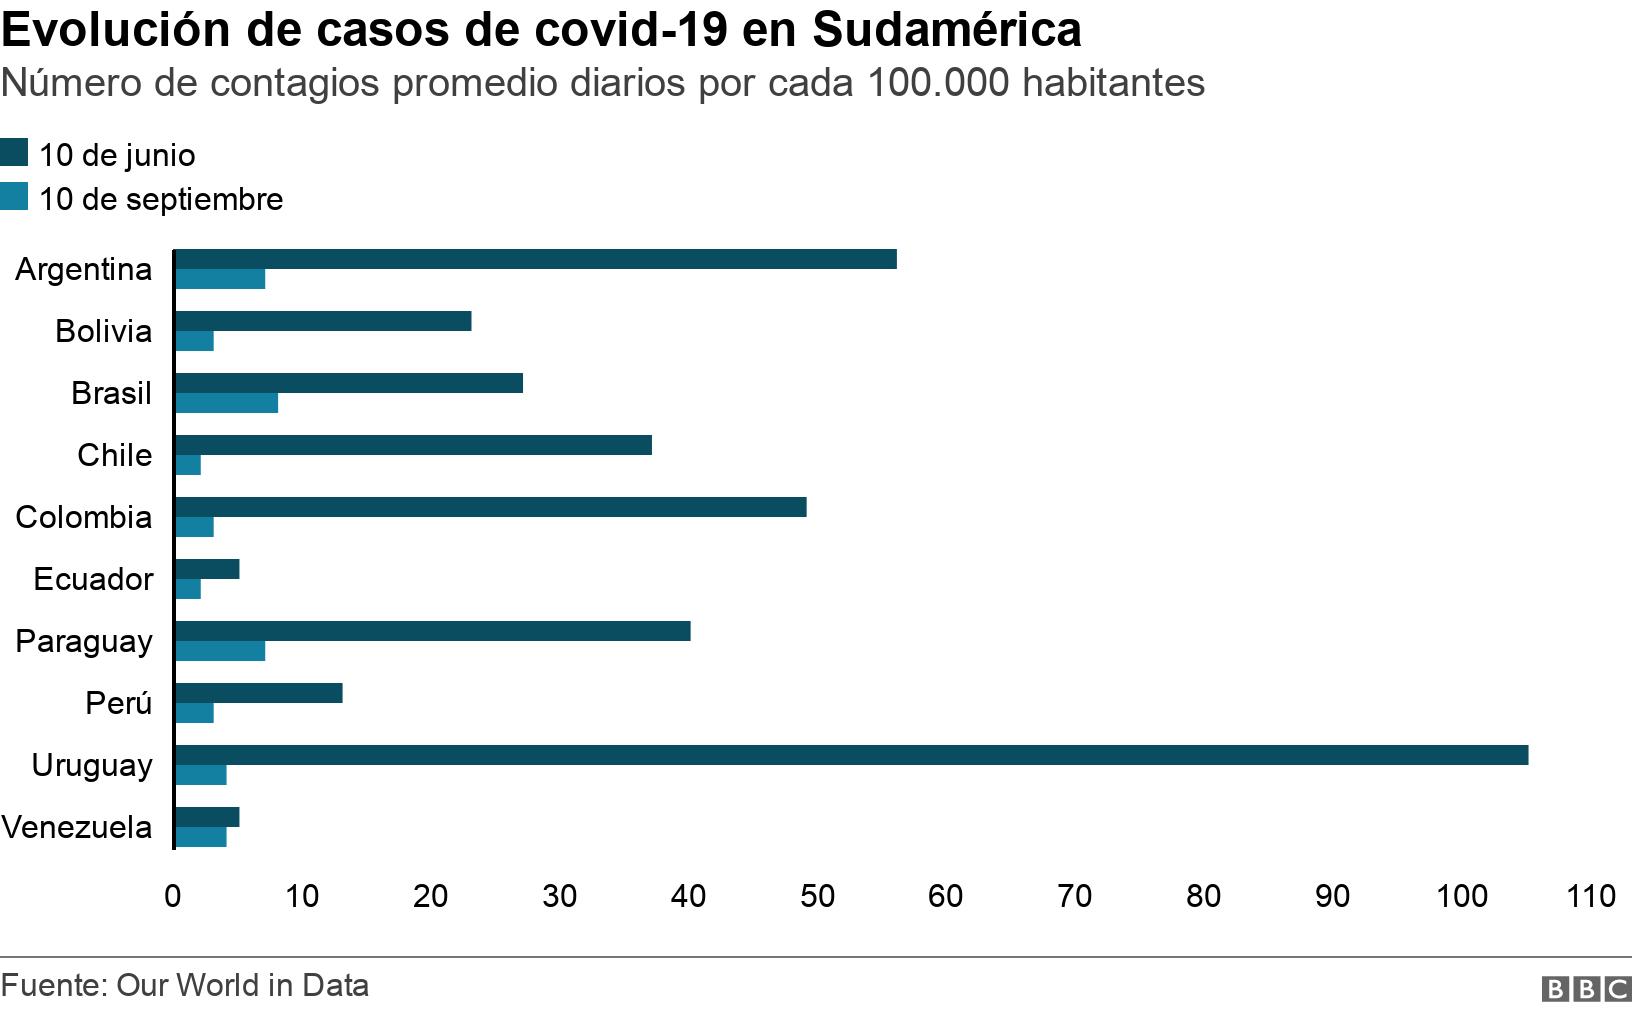 Evolución de casos de covid-19 en Sudamérica. Número de contagios promedio diarios por cada 100.000 habitantes. Evolución de los casos confirmados de covid-19 en Sudamerica entre junio y septiembre de 2021. .